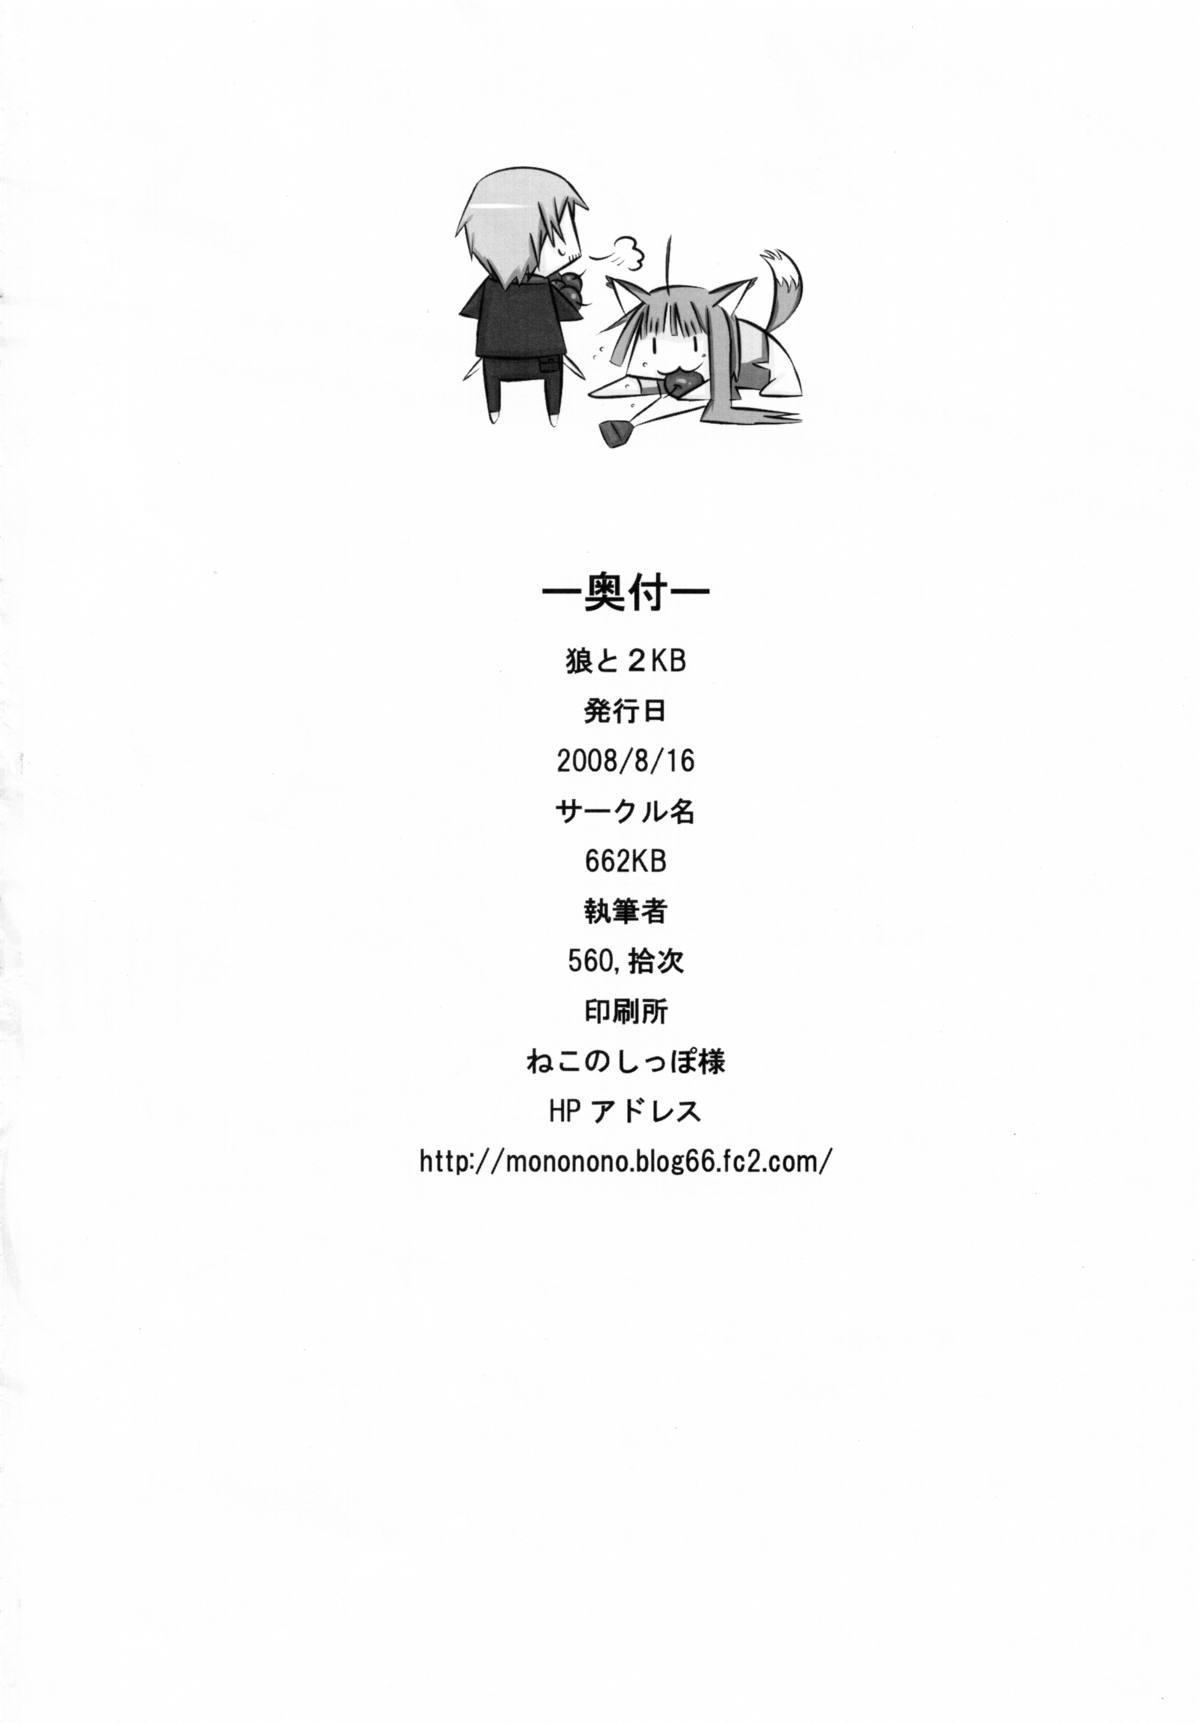 Ookamito Koushinryou IIKB 31